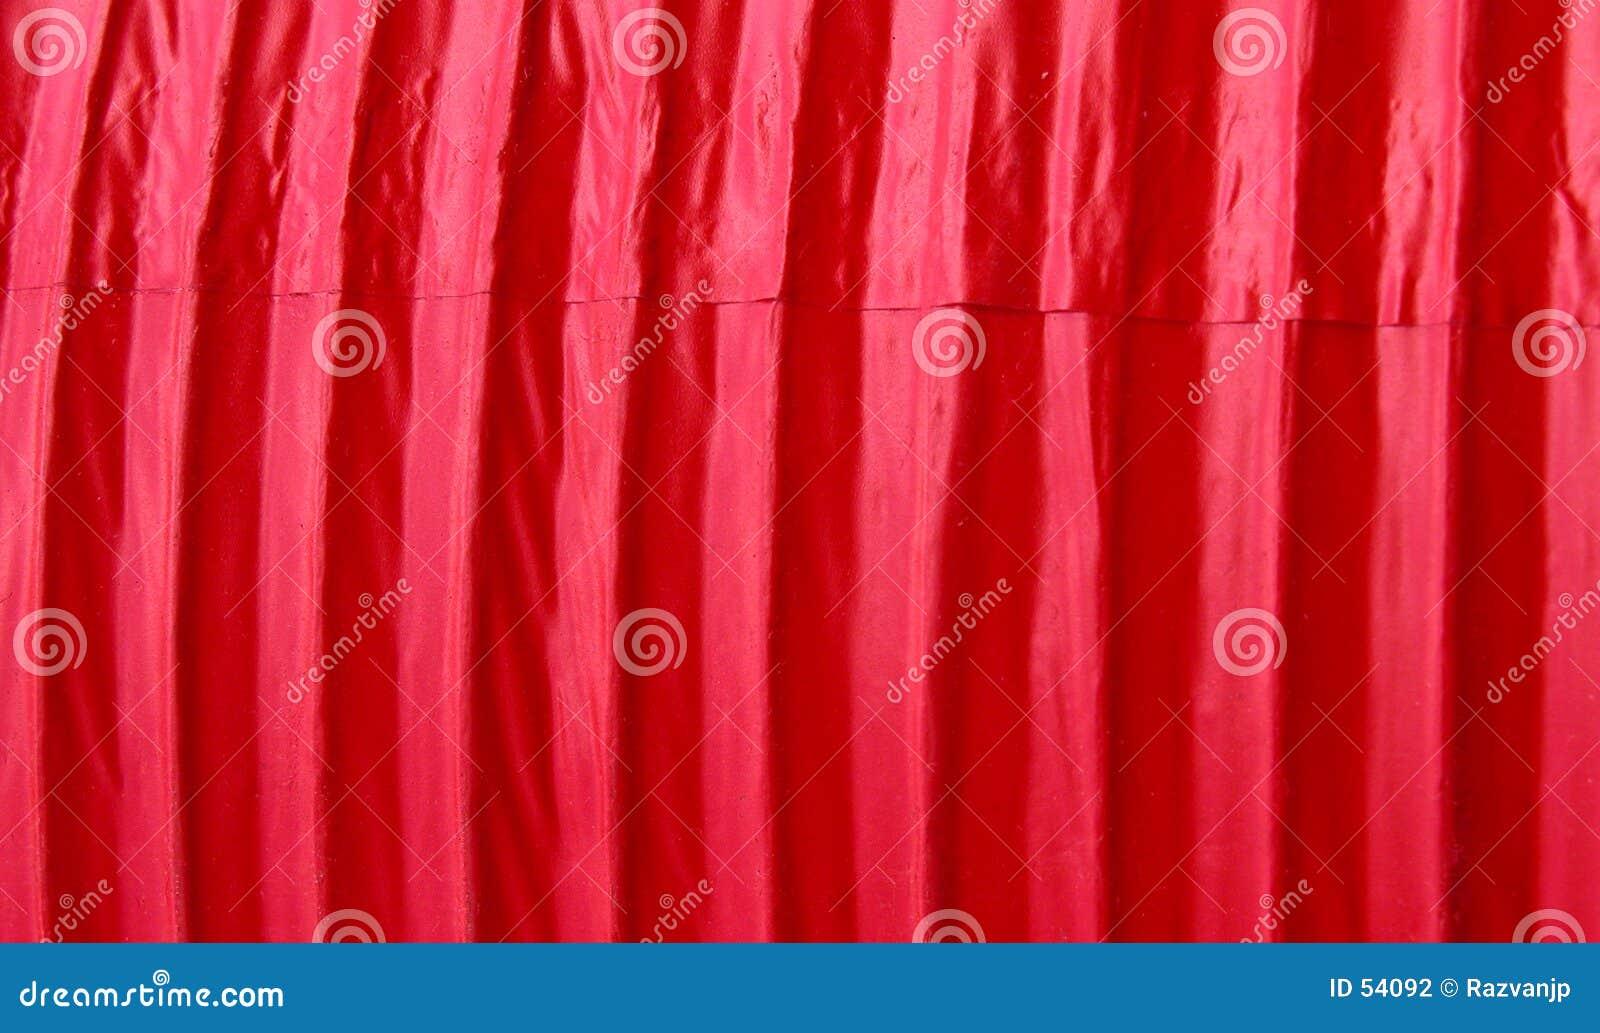 Rote Papierbeschaffenheit